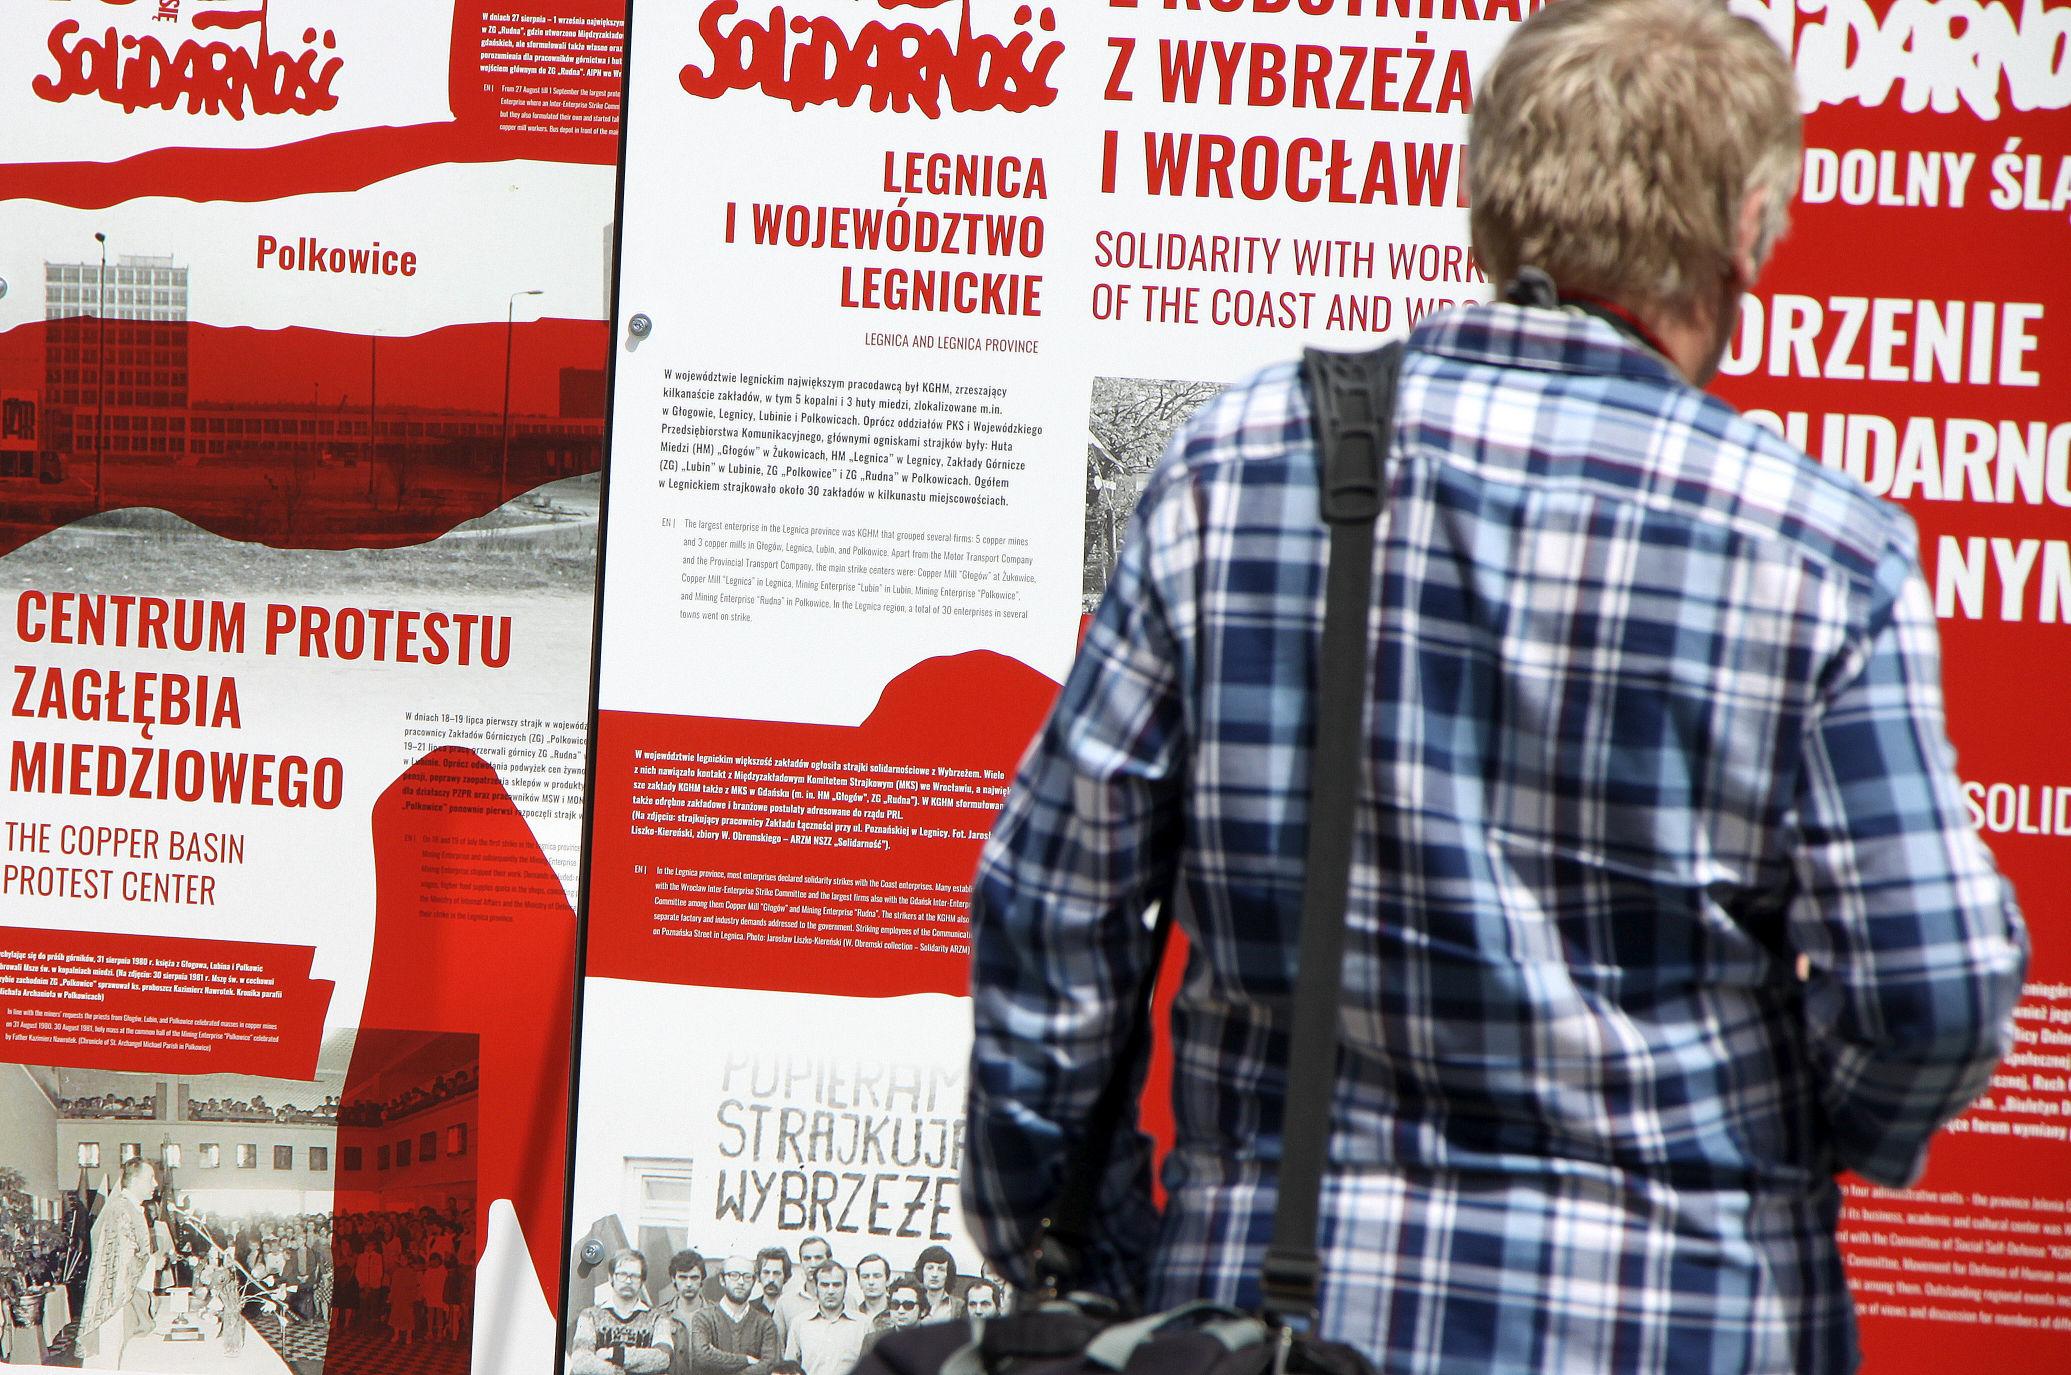 """""""Tu rodziła się Solidarność"""" wernisaż wystawy na Rynku"""